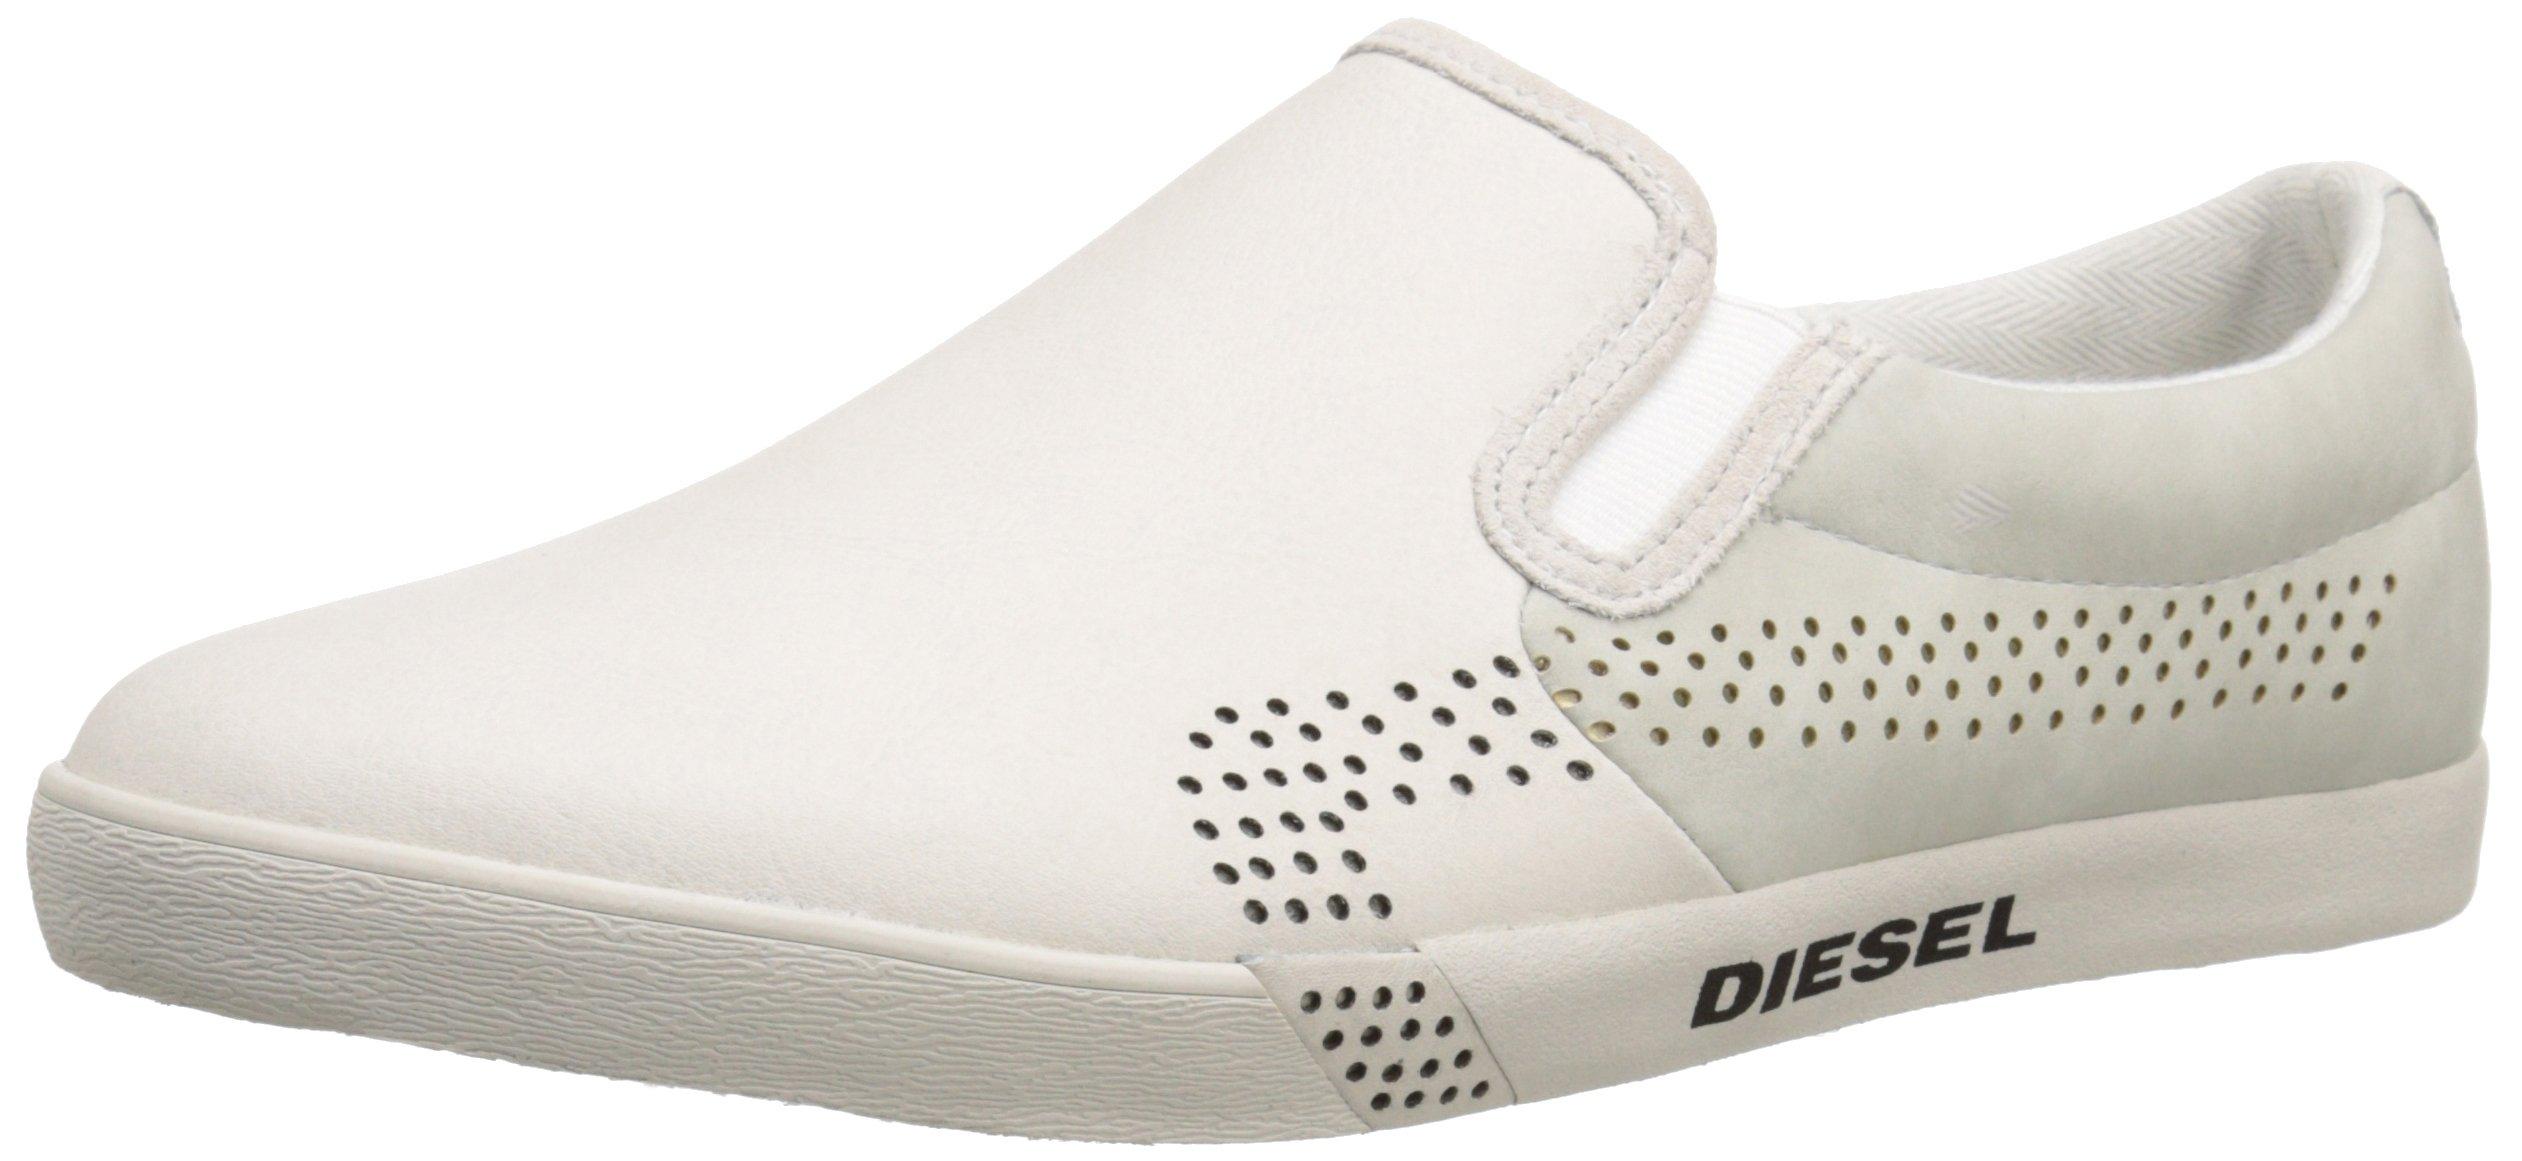 Giầy chính hãng Diesel Men's Rikklub E-Klubb On Fashion Sneaker màu Vaporous Gray, size 7 US/39 EU